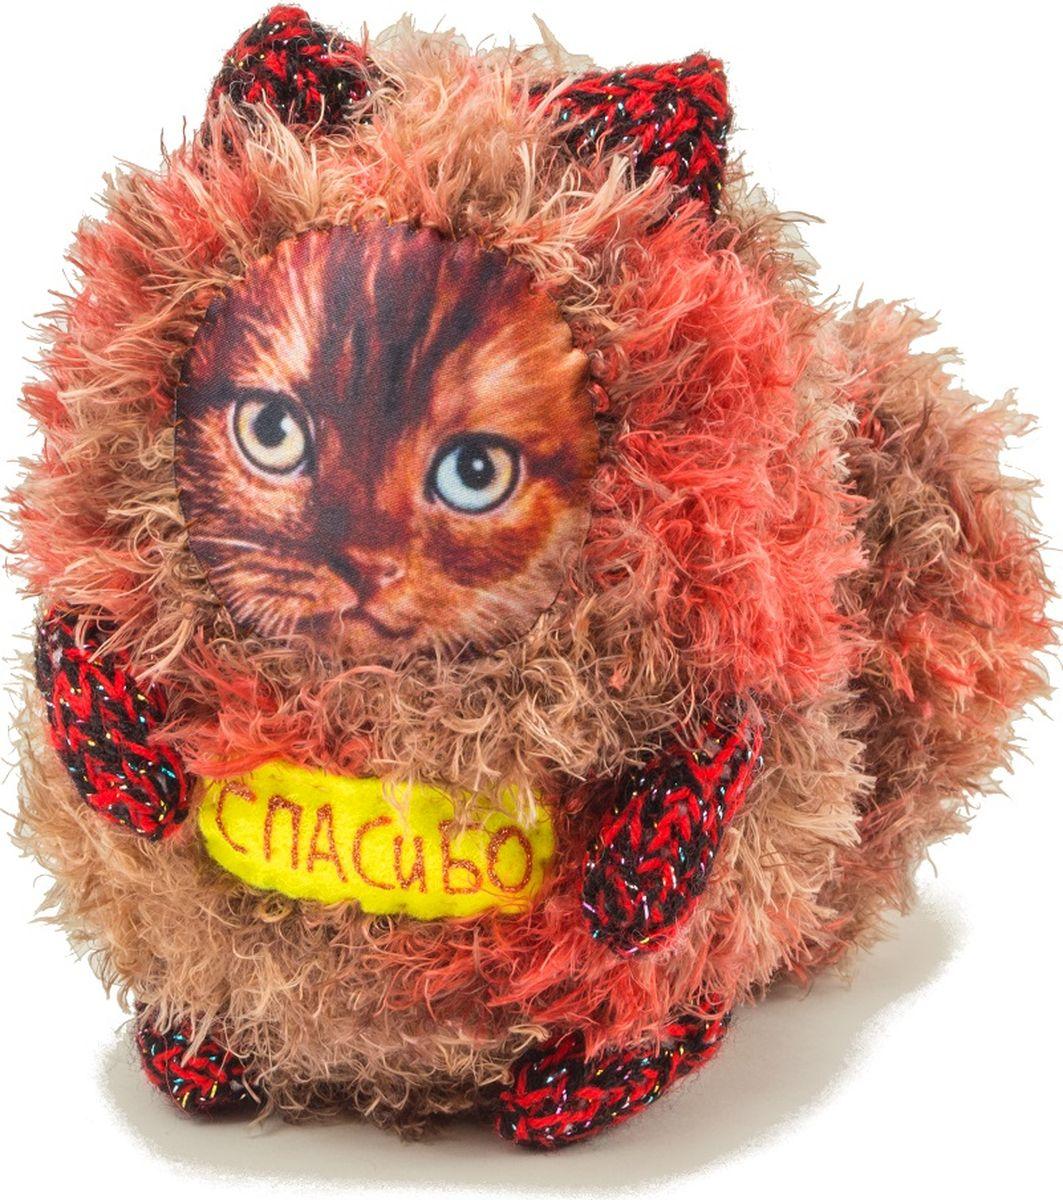 Мягкая игрушка Бюро находок Котик. Спасибо, цвет: коричнево-красный мягкая игрушка бюро находок котик с деньгами ж цвет темно красный